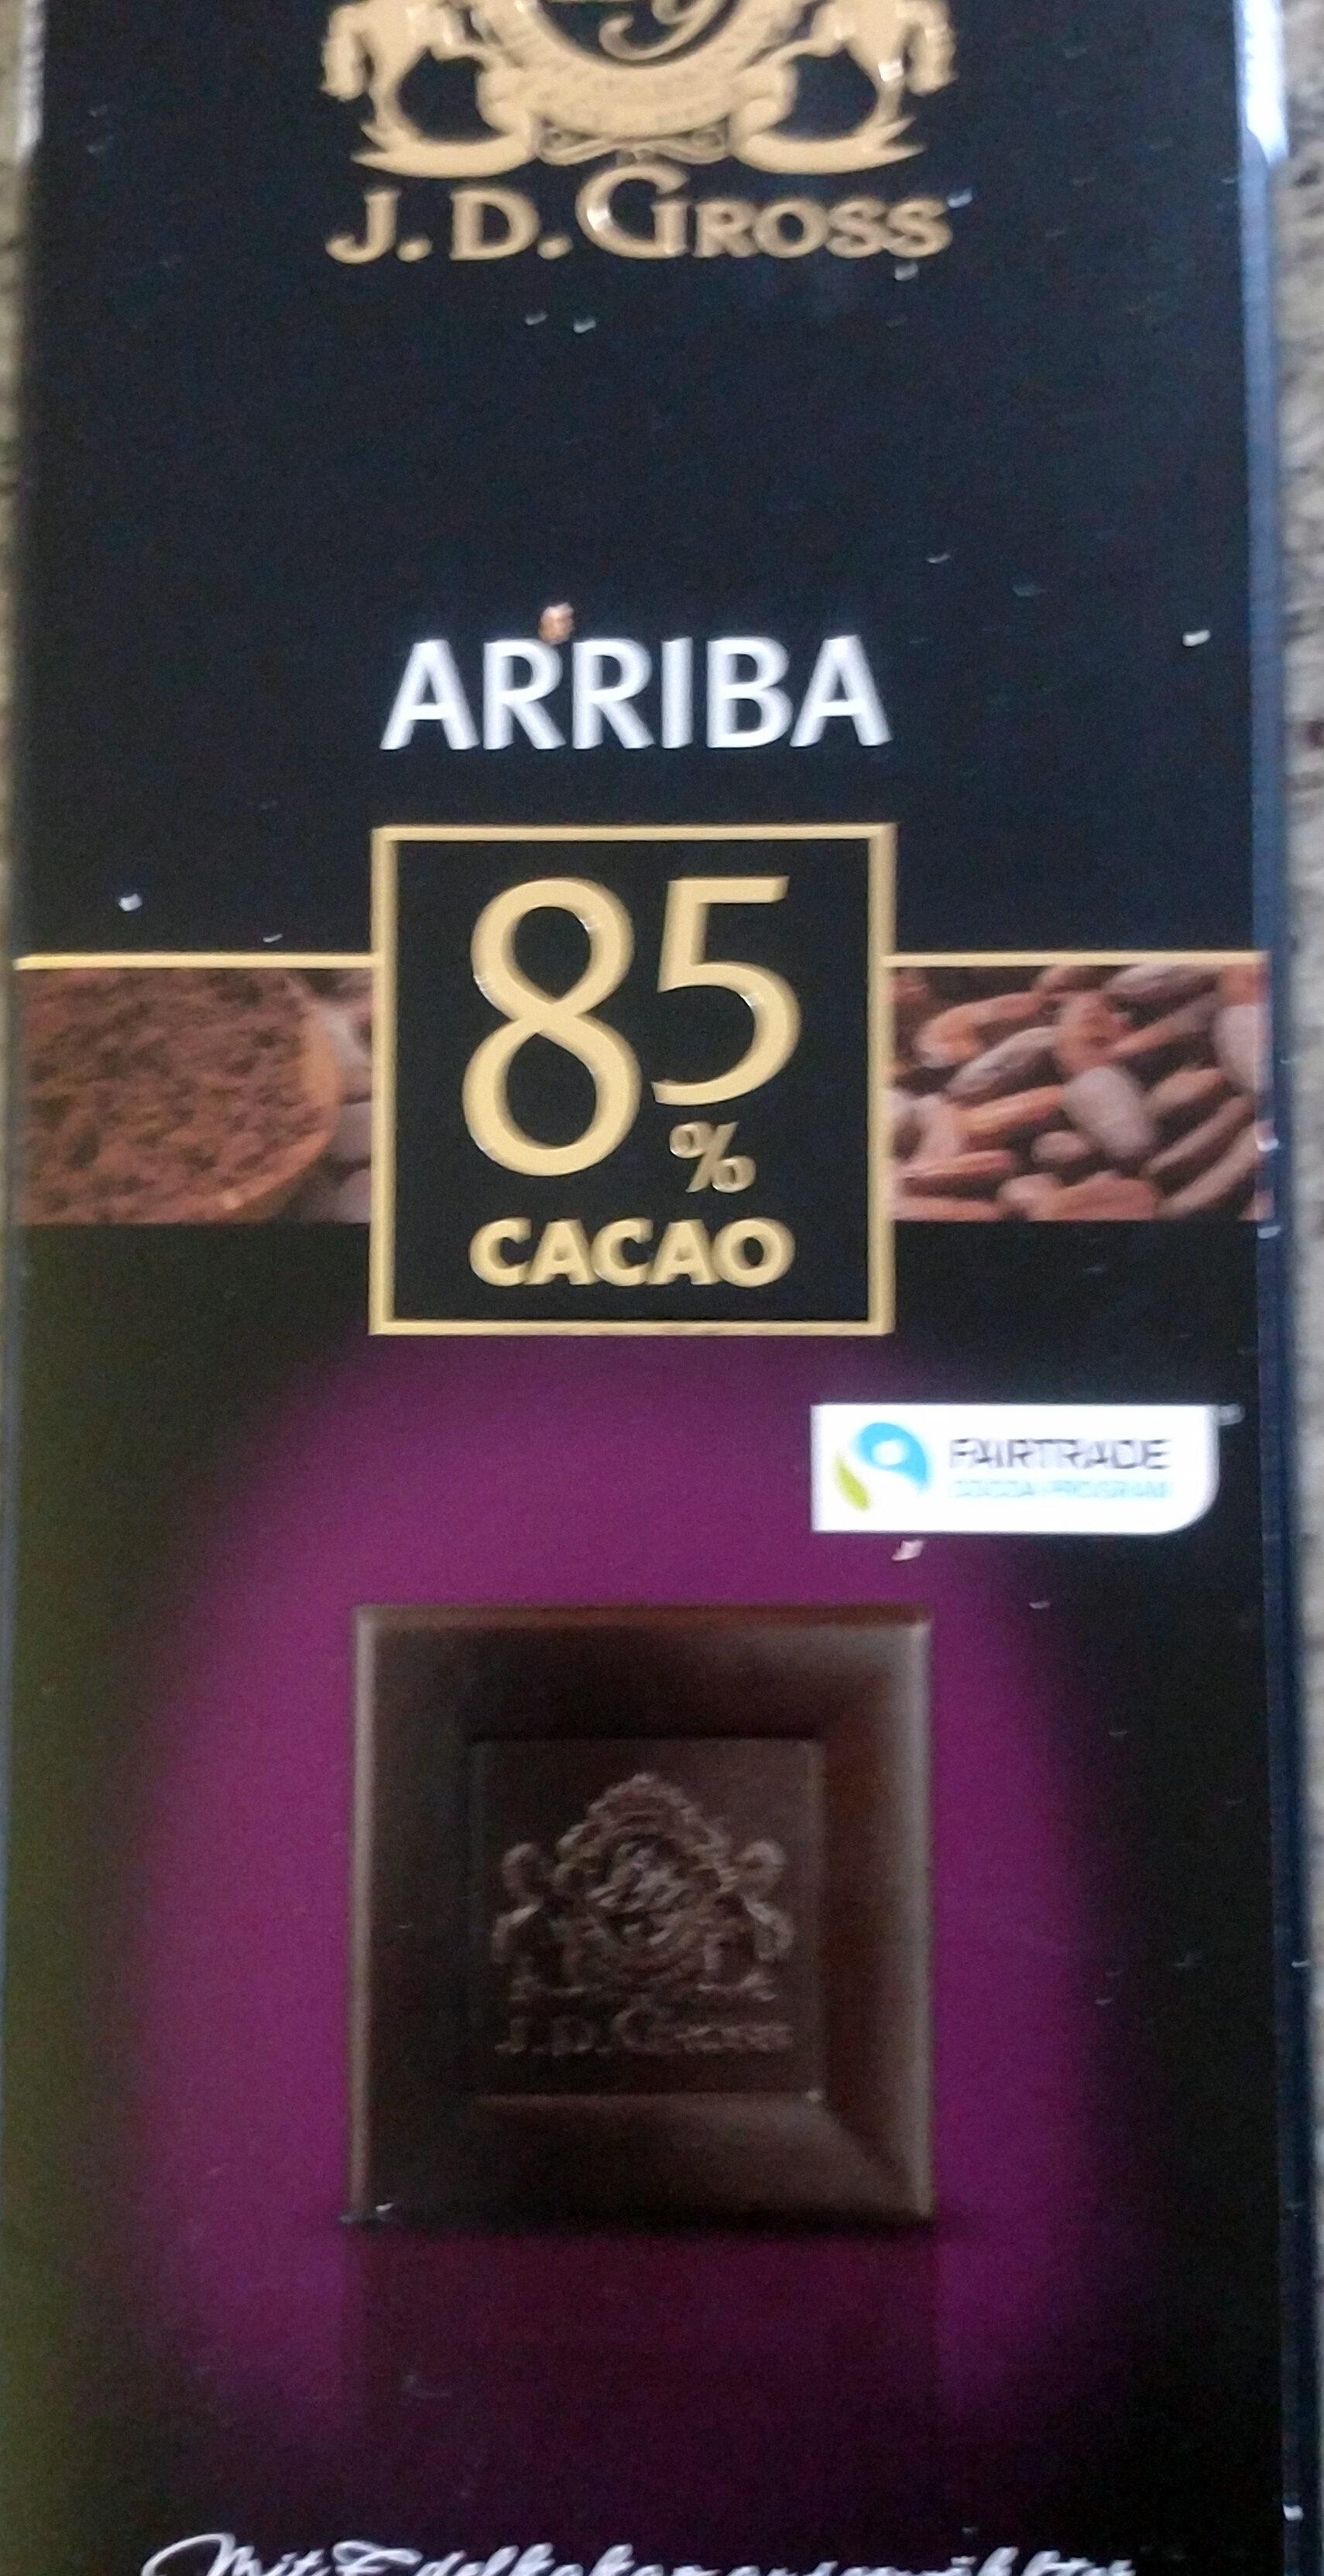 Chocolat noir Arriba 85% cacao - Prodotto - fr